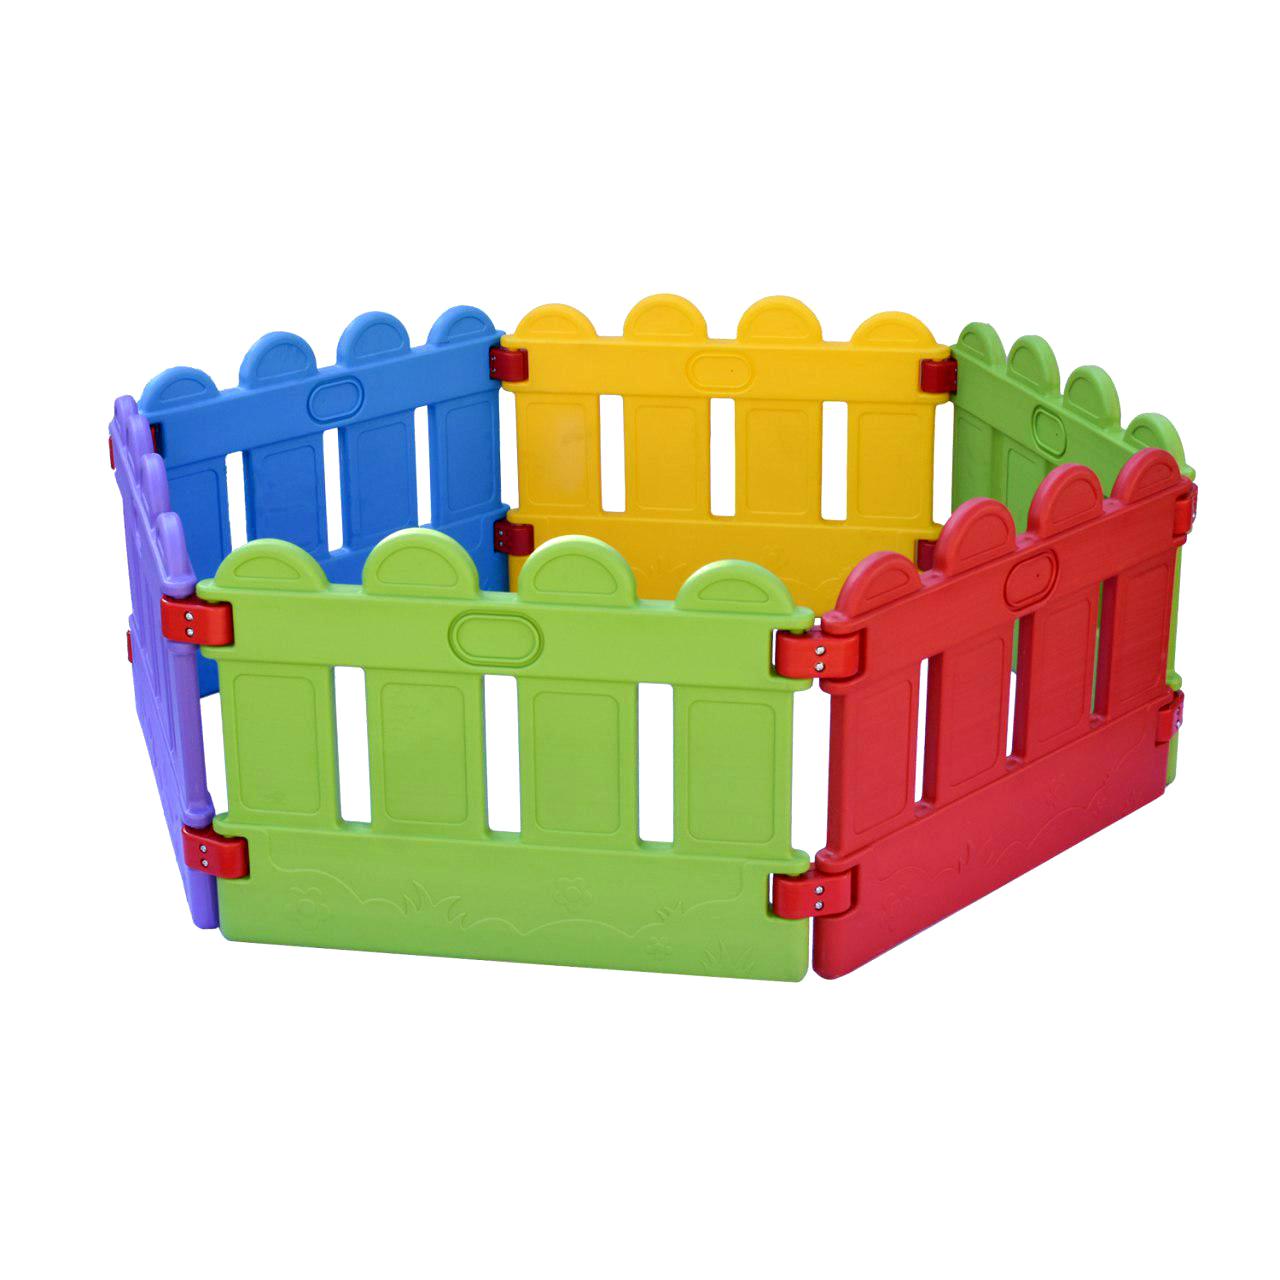 پارک بازی کودک طرح نرده ای کد 5033